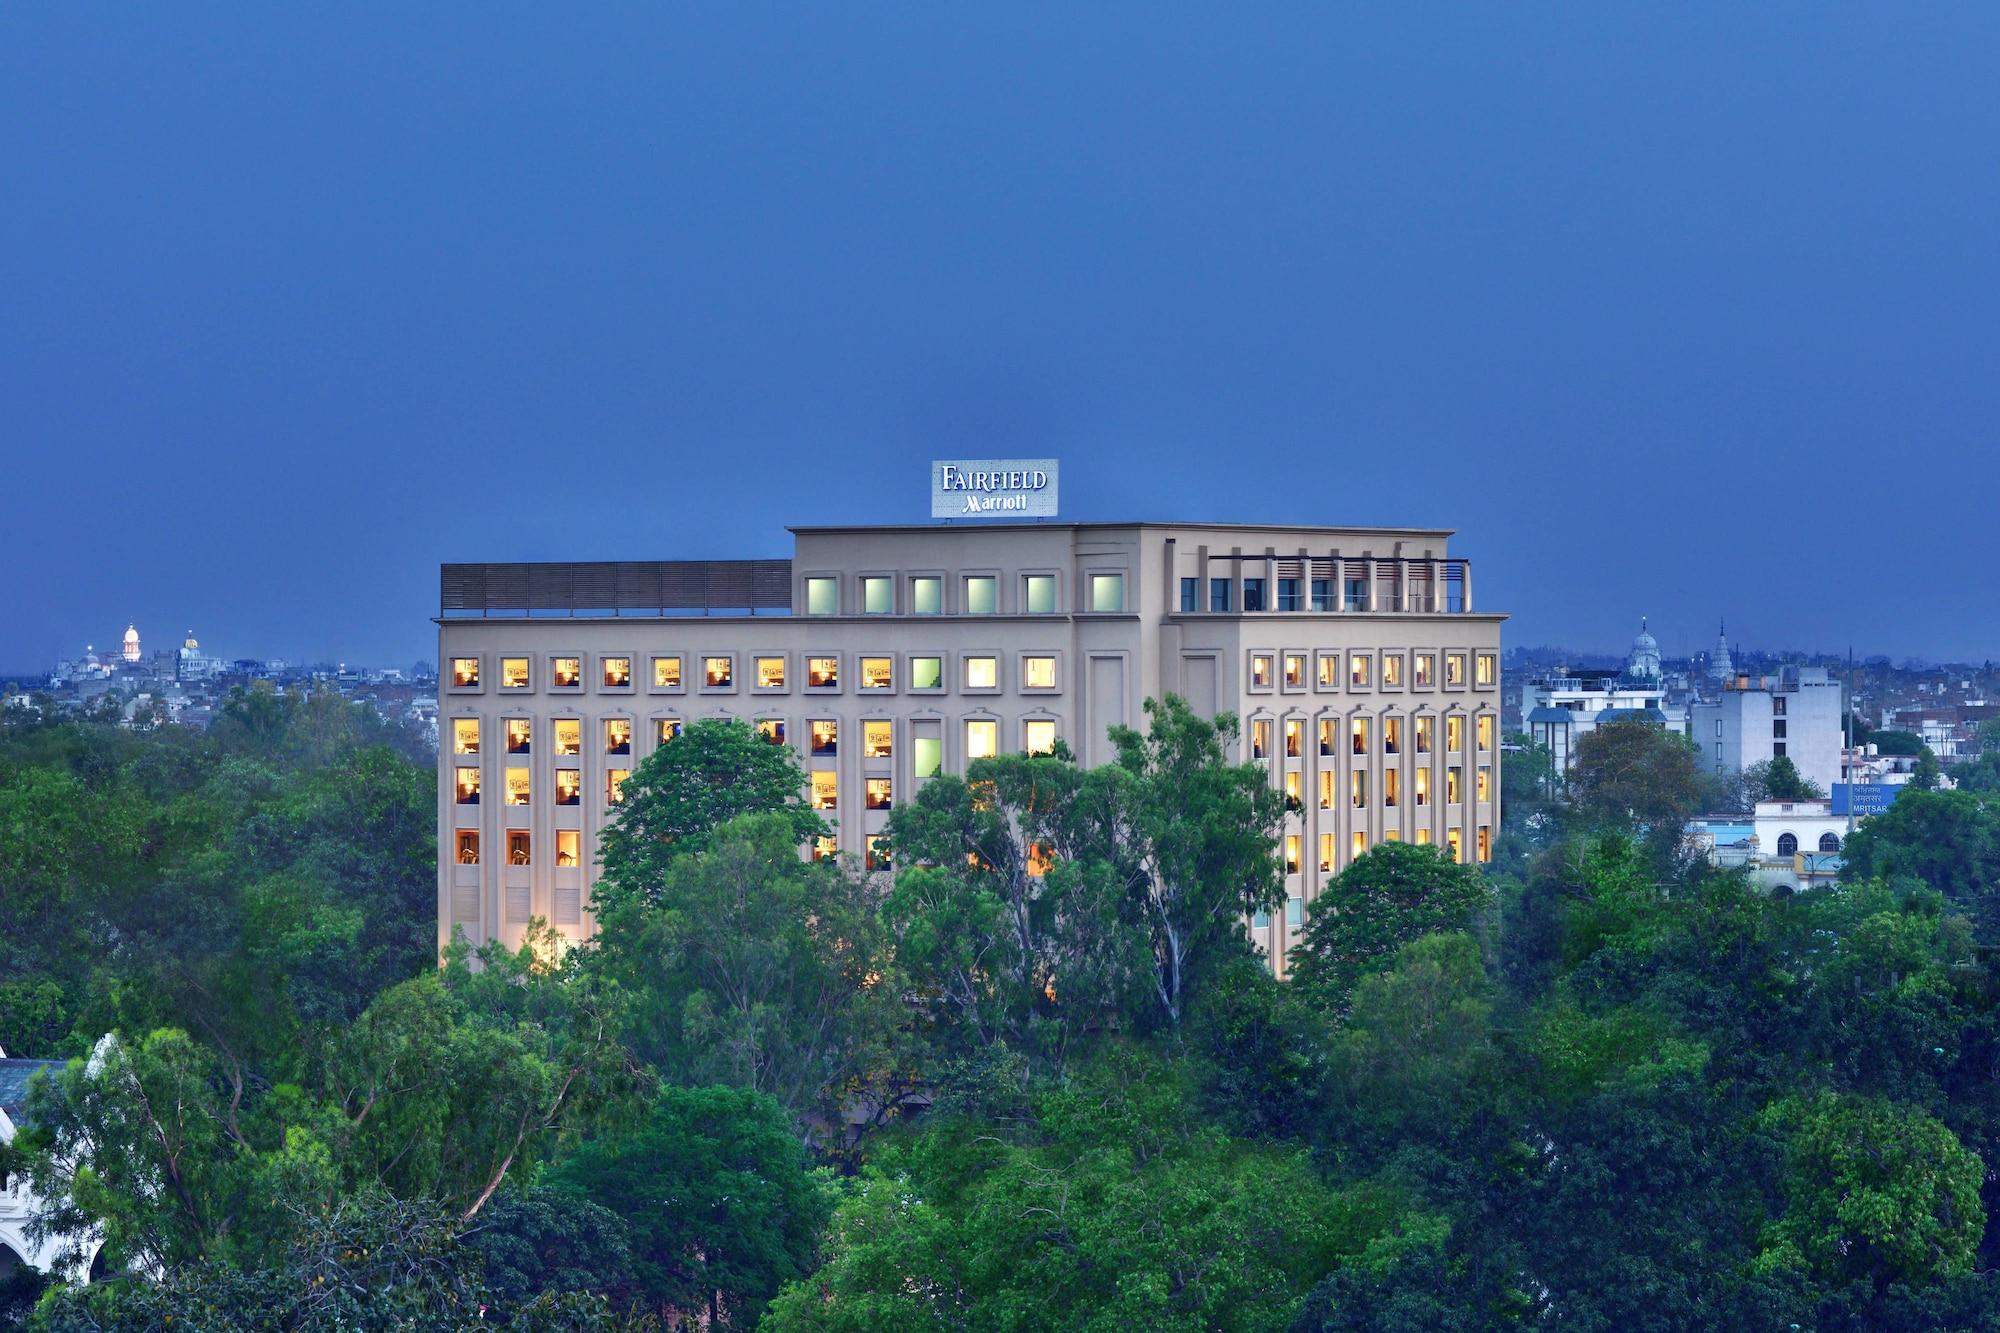 Fairfield by Marriott Amritsar, Amritsar